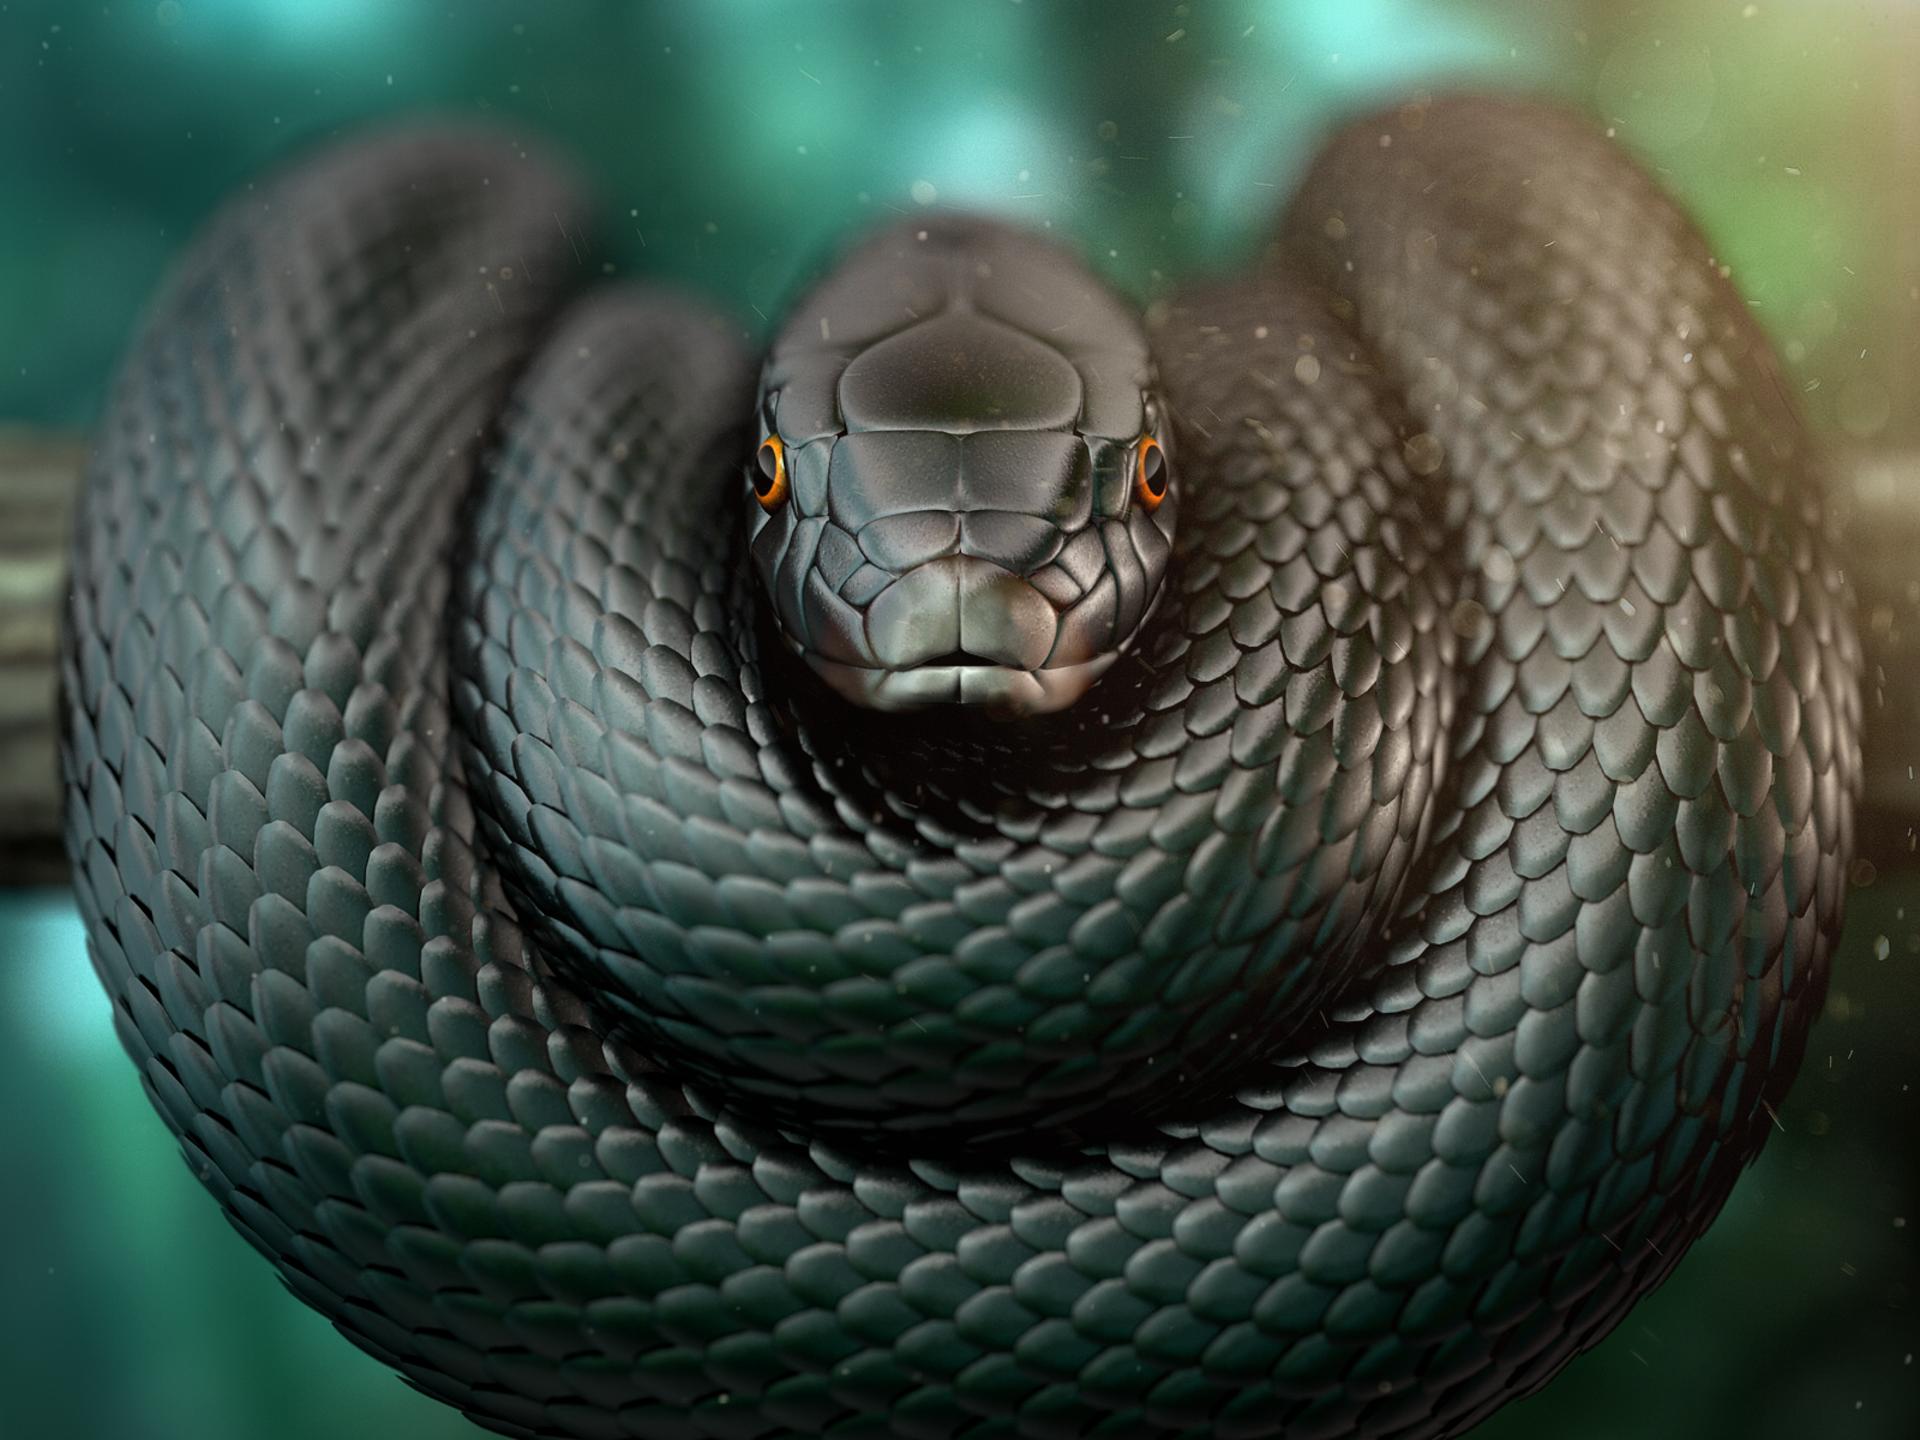 Imagen de la Serpiente Black Mamba